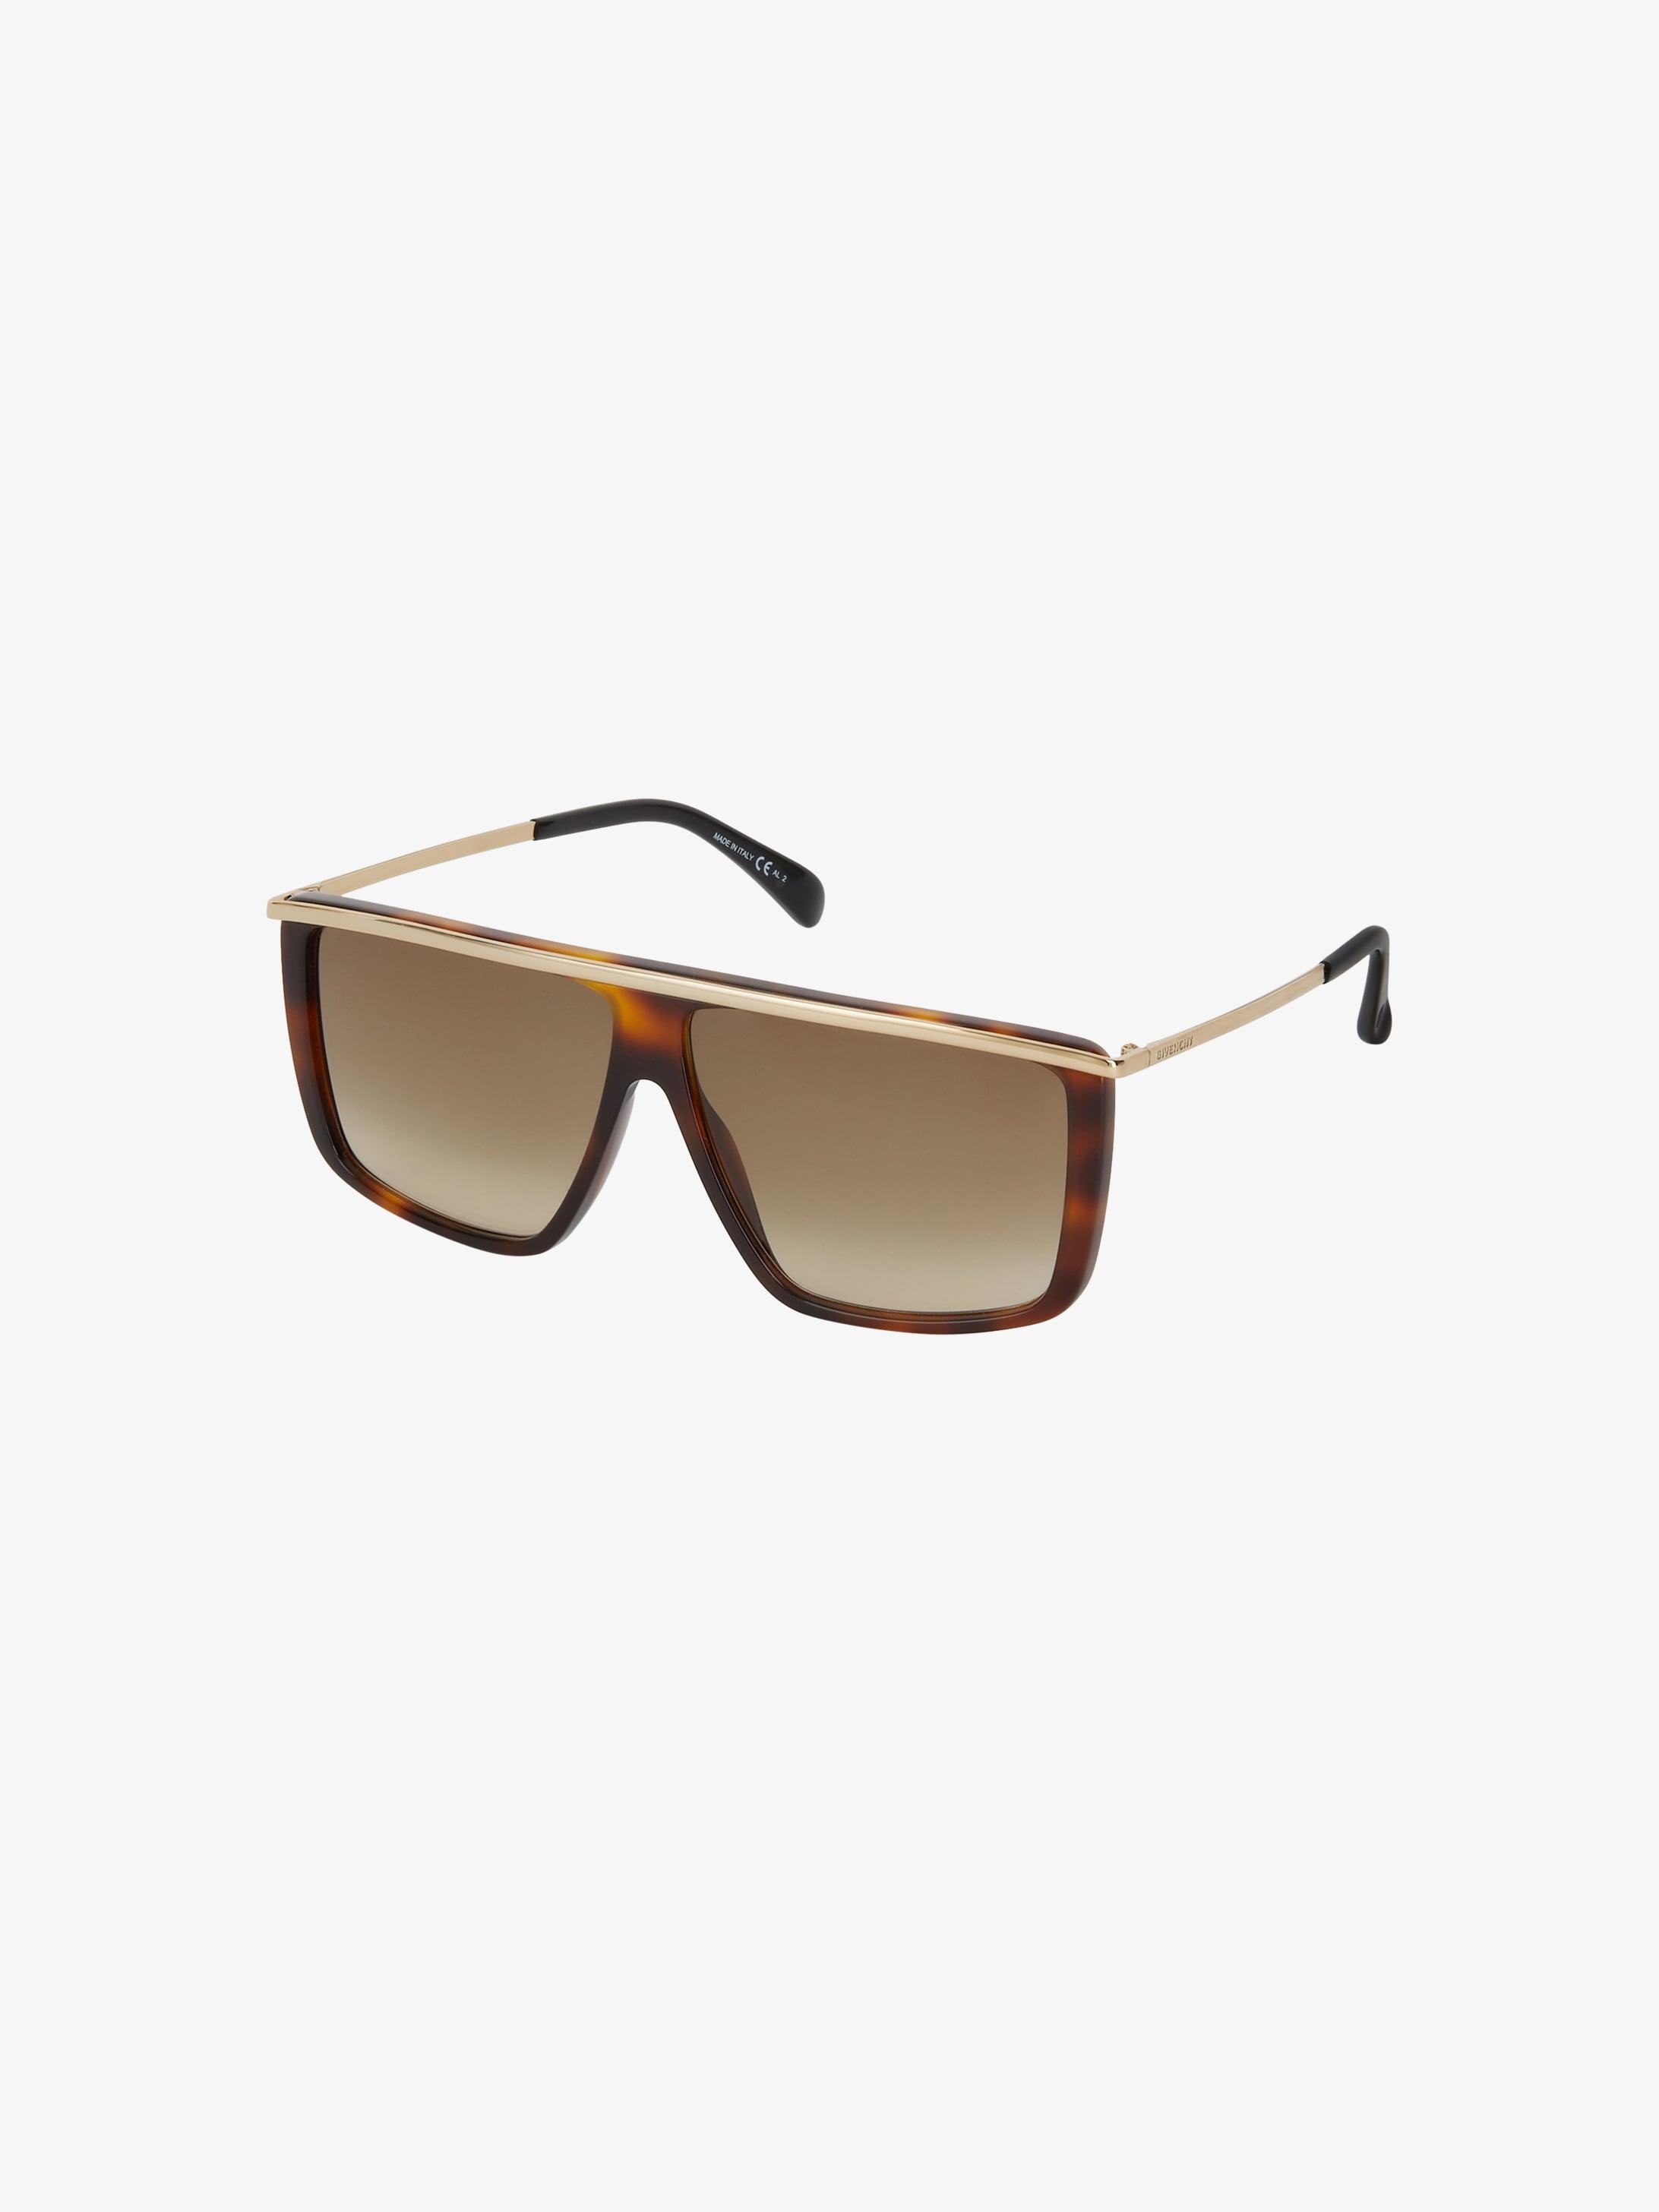 GV Light unisex sunglasses in acetate and metal